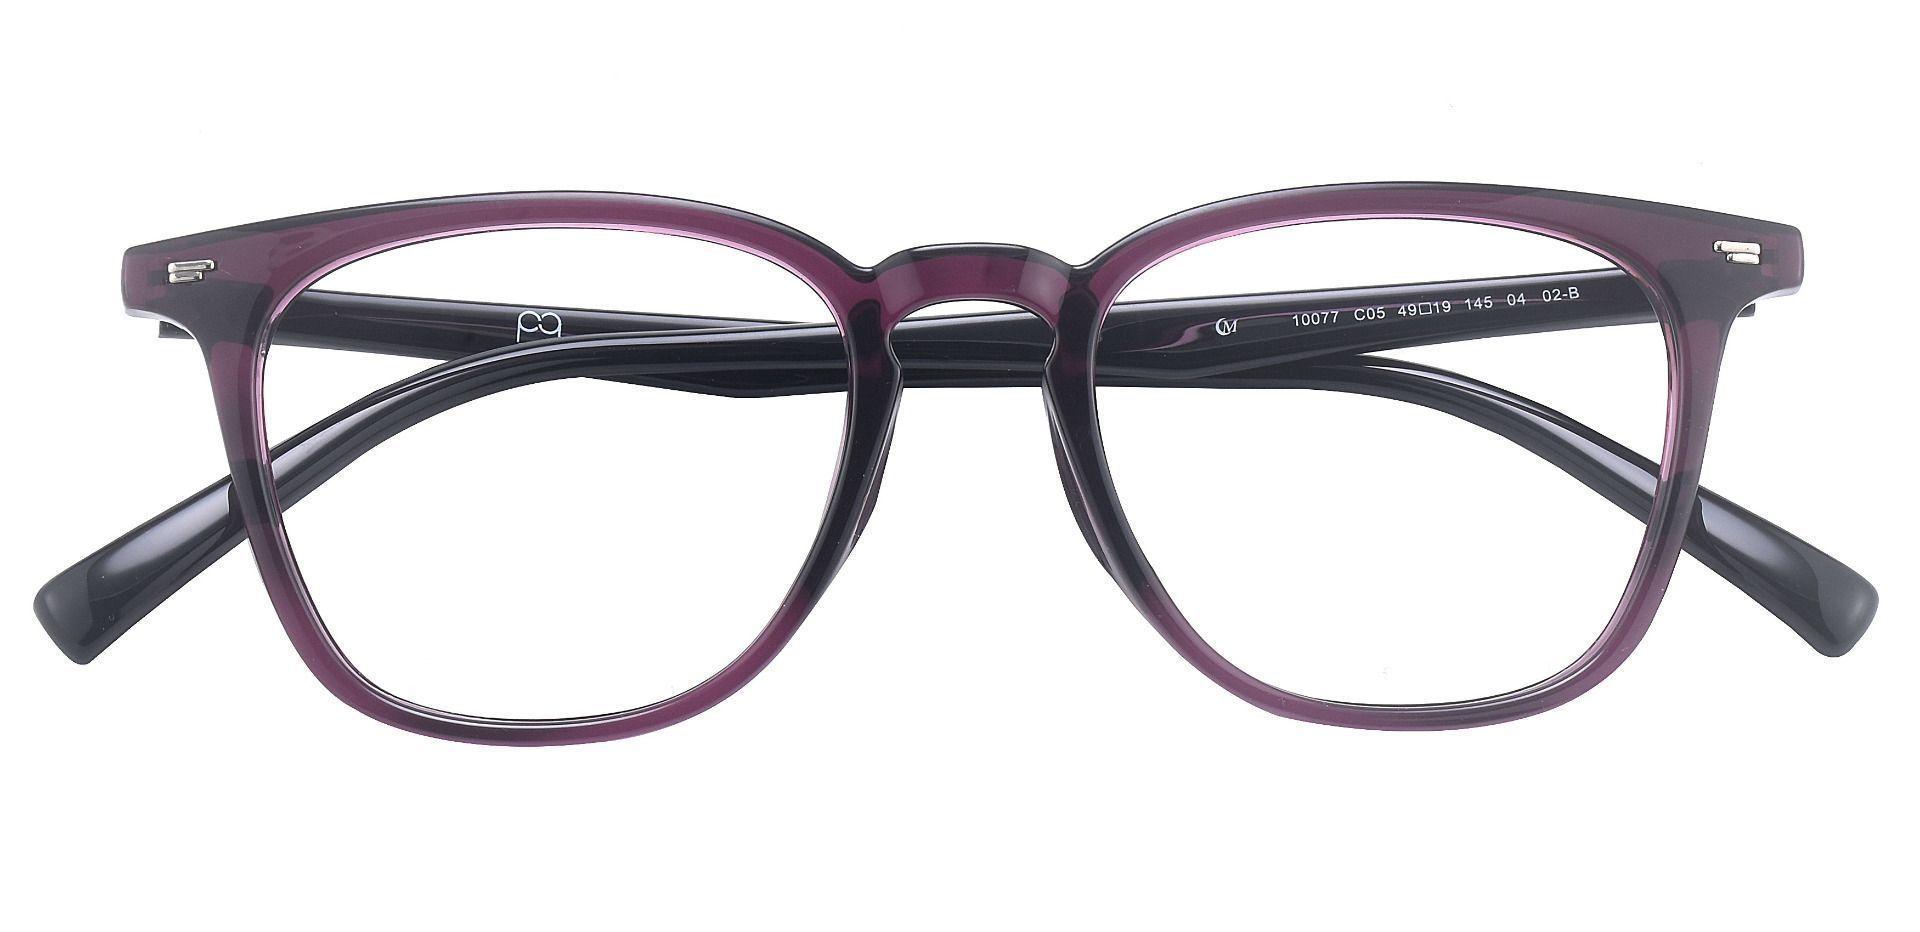 Wharton Square Prescription Glasses - Purple